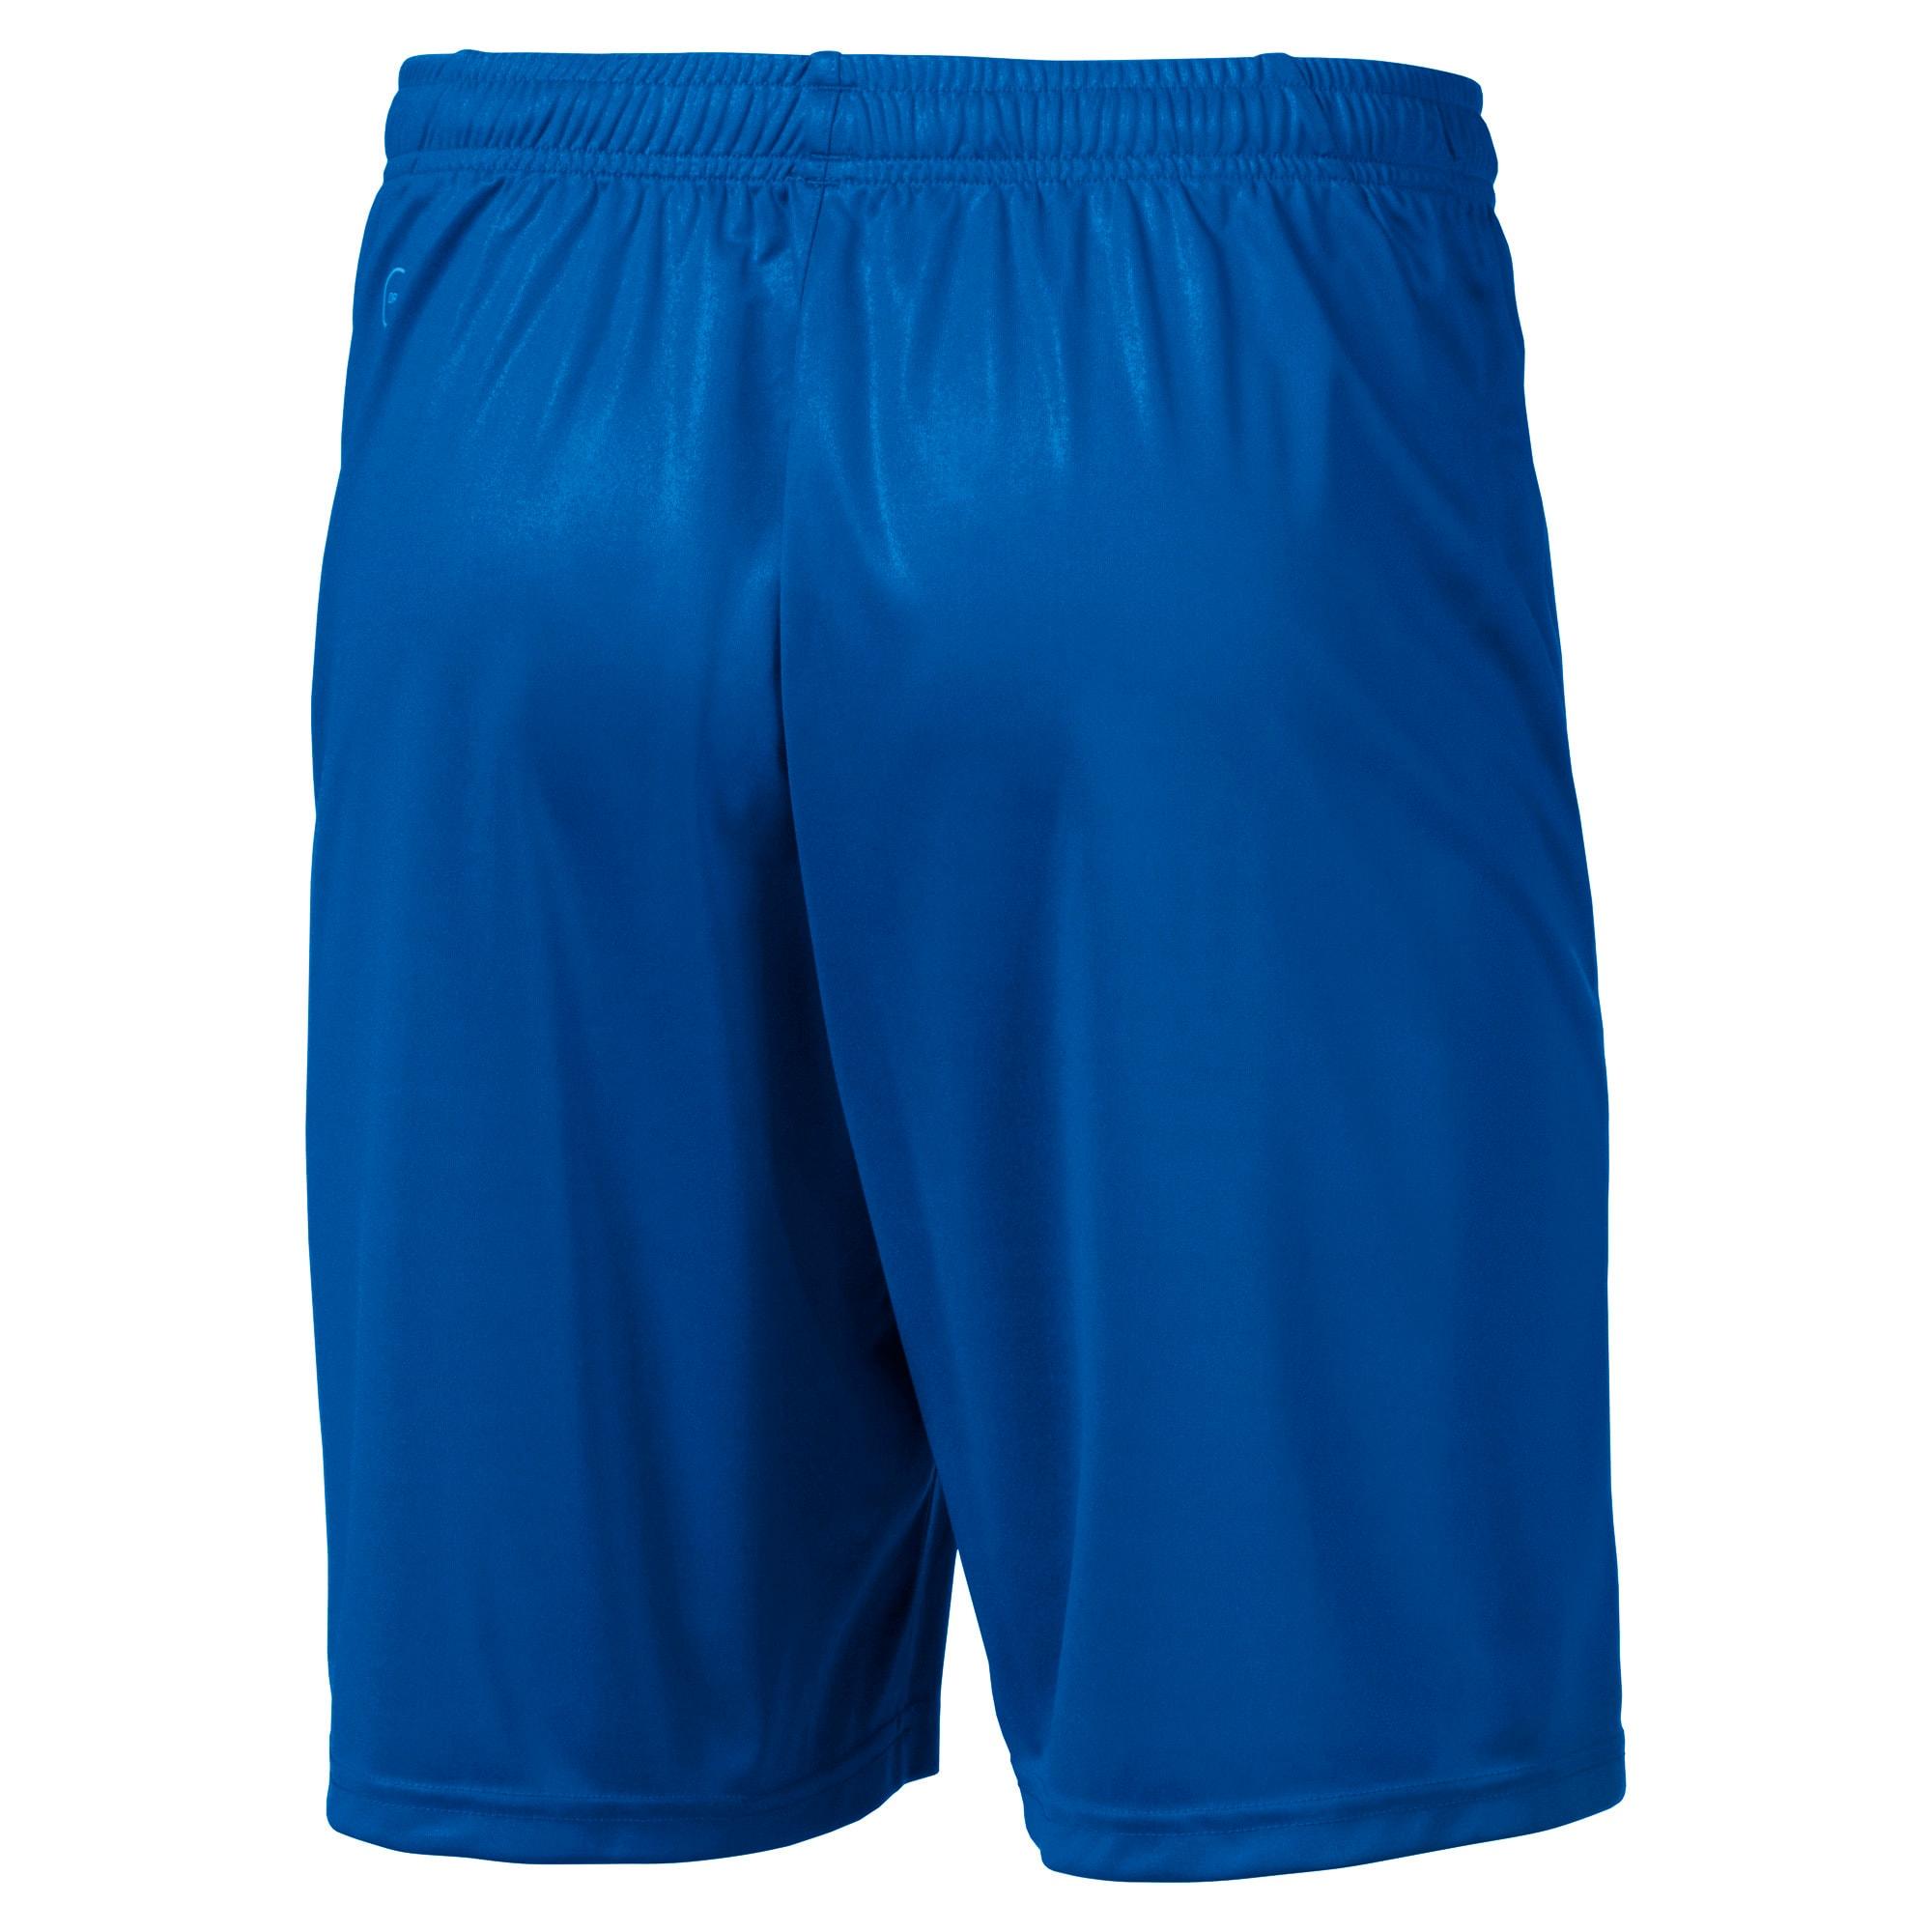 Thumbnail 5 of Liga Core Men's Shorts, Electric Blue Lemonade-White, medium